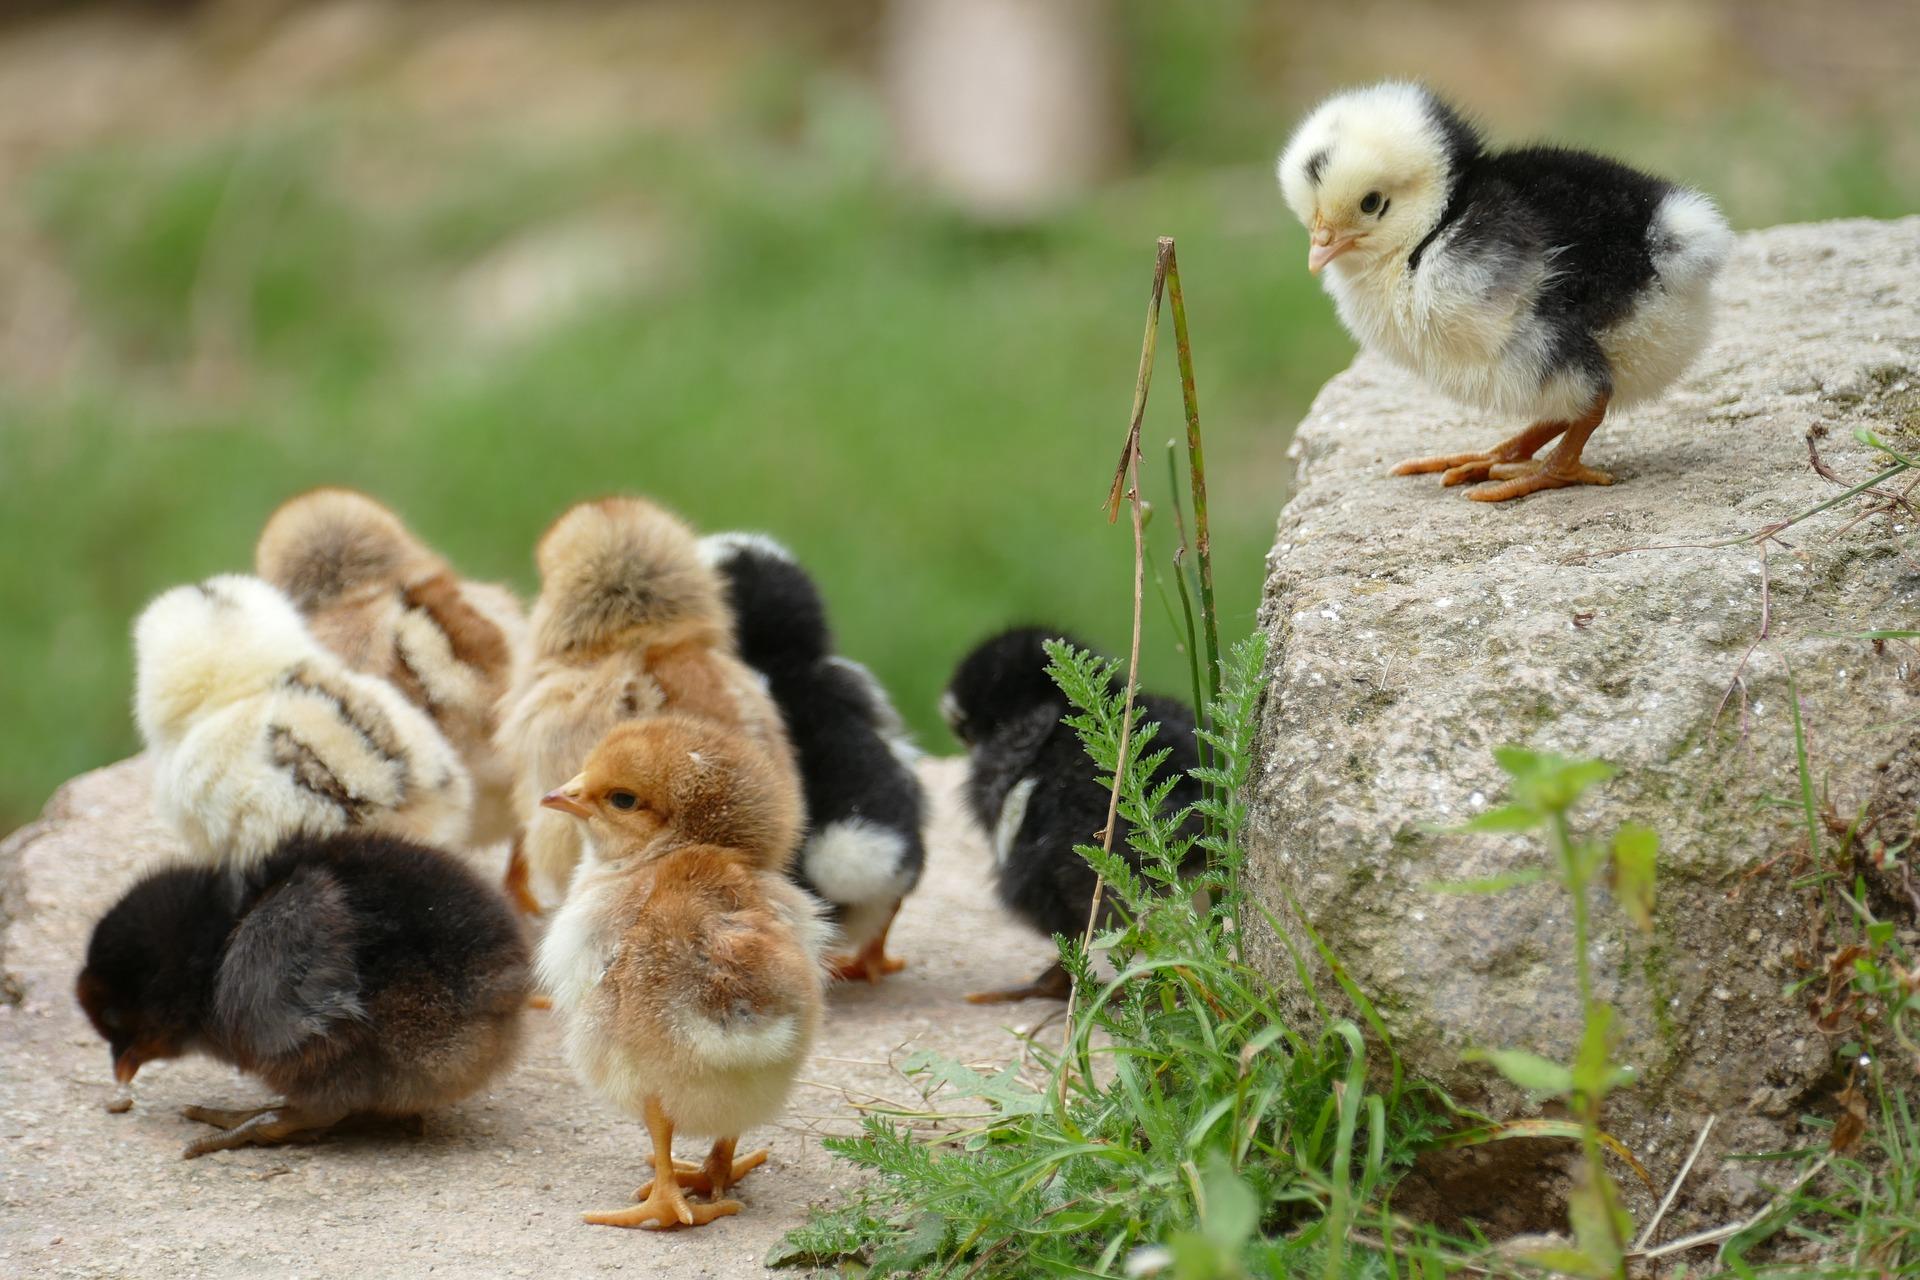 chick-2652695-1920.jpg